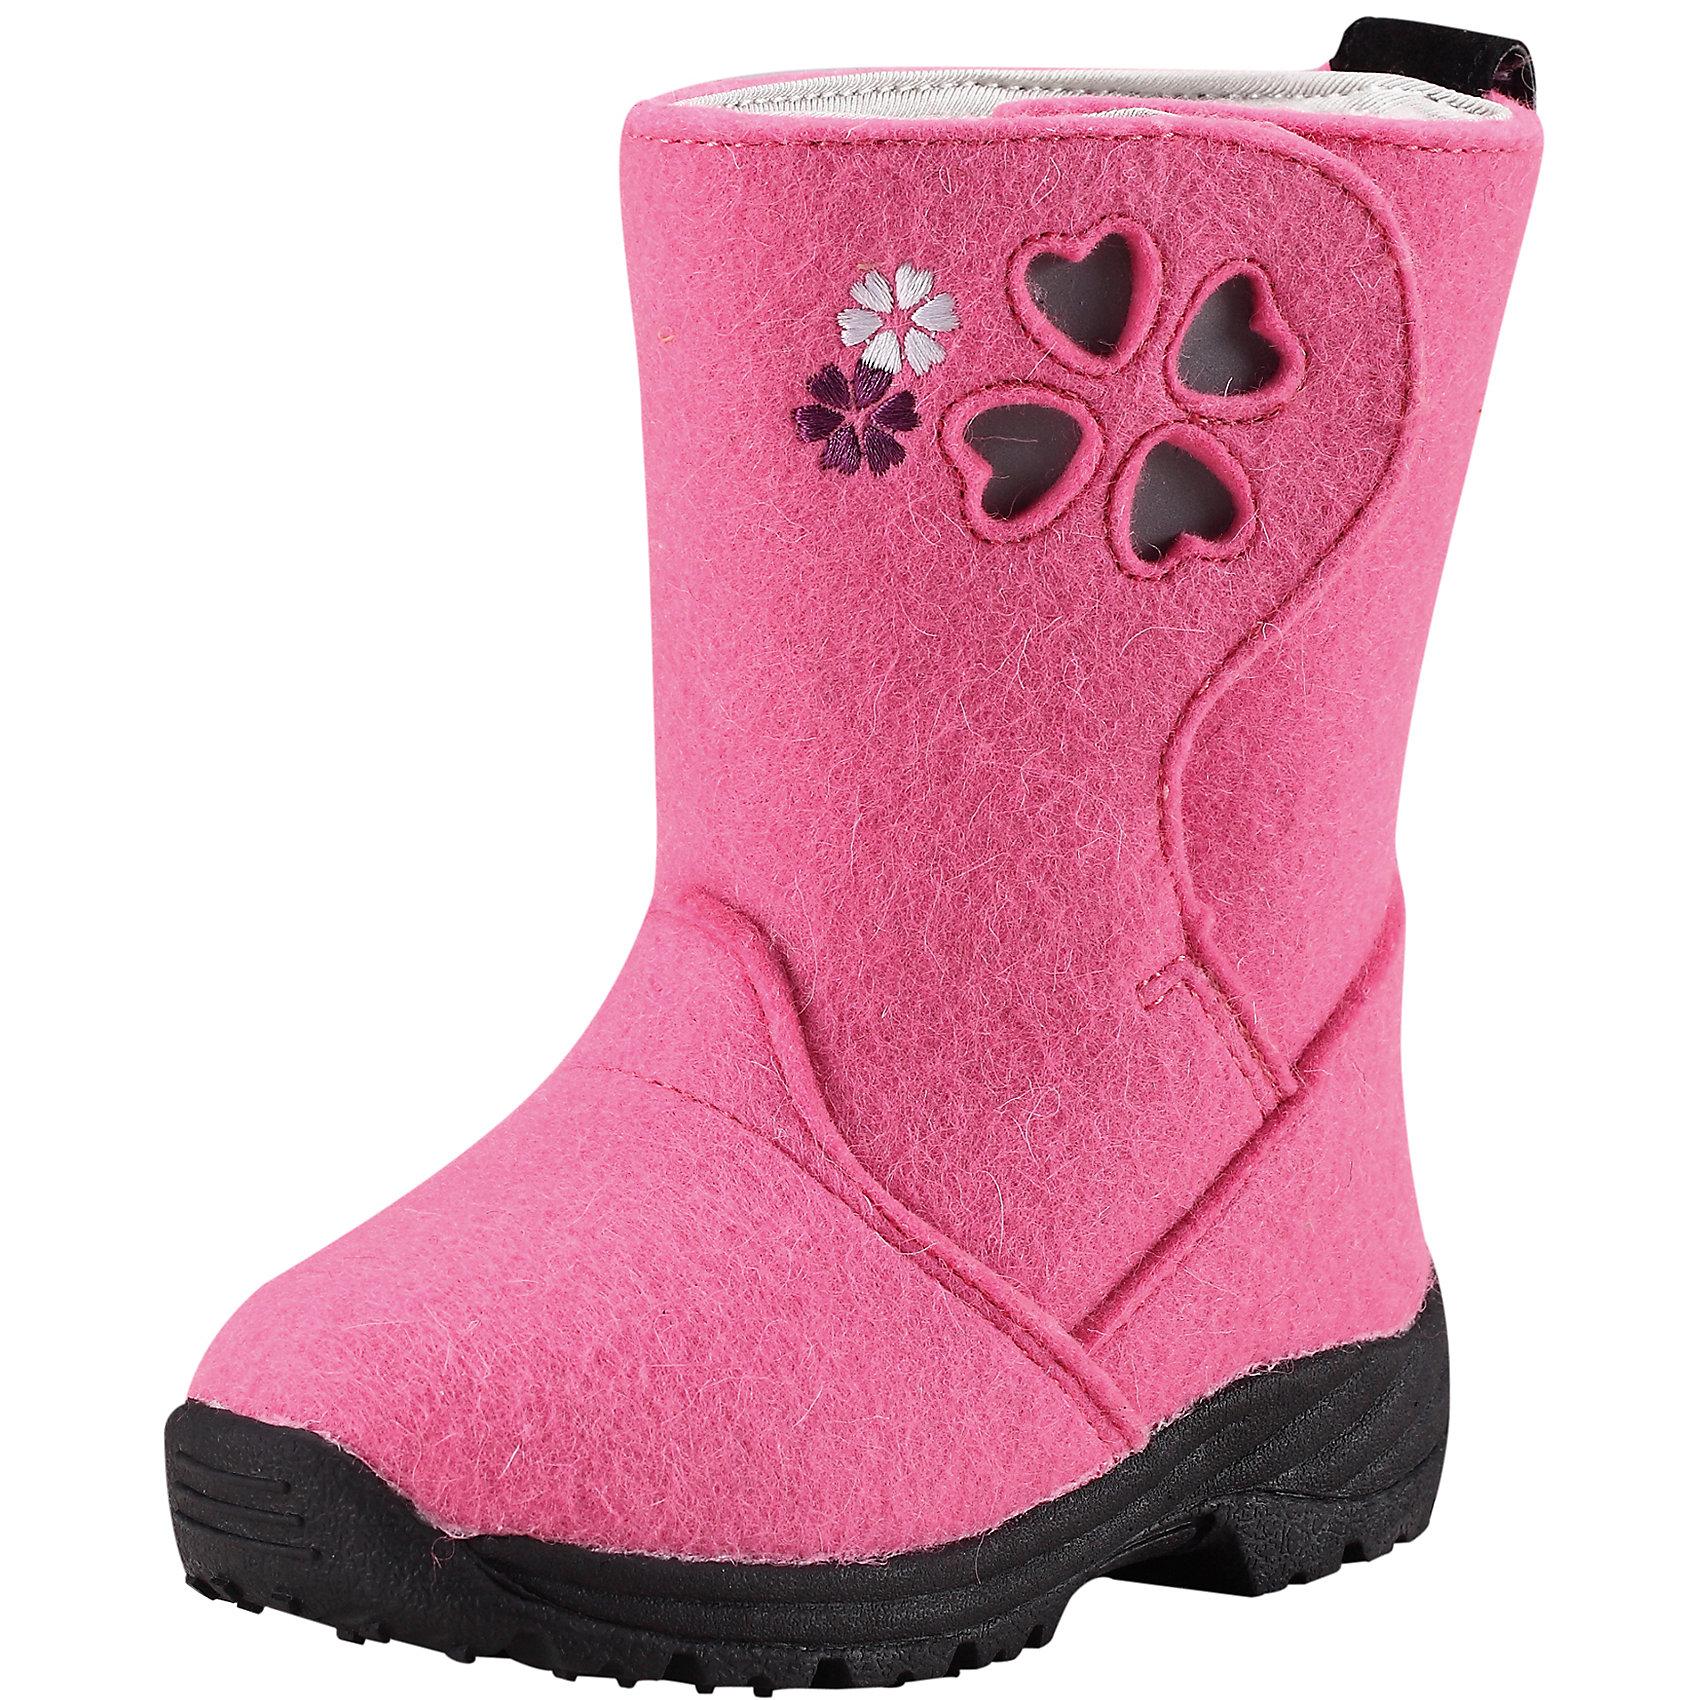 Ботинки для девочки ReimaОбувь<br>Надёжная обувь для особенно холодных зимних дней: ботинки из фетра на каучуковой подошве, гарантирующей хорошее сцепление с поверхностью - это то, о чём дети могли только мечтать несколько десятилетий назад... Дополнительное утепление за счёт мягкой смеси шерсти и фетровых стелек, которые вынимаются. С помощью стелек можно легко проверить размер ботинка: впереди должно оставаться пространство в 1,5 см для движения и роста ноги. Эти супер-тёплые ботинки легко обуваются благодаря новой конструкции голенища, которое полностью расстёгивается и застёгивается с помощью липучек. Таким образом, вы можете отрегулировать ботинки, чтобы они плотно прилегали к ножке. Подошва из термопластичного каучука обеспечивает не только хорошее сцепление с поверхностью, но и теплоизоляцию. Благодаря рифлёному узору на подошве штрипки брюк и комбинезона будут надёжно сидеть на пятке. Забавные декоративные светоотражающие детали оживляют образ и обеспечивают дополнительную безопасность в темноте.<br><br>Детские ботинки Reima® ORIGINAL из фетра для особенно холодных зимних дней<br>Удобная и тёплая шерстяная подкладка<br>Стельки вынимаются, рисунок Happy Fit помогает правильно определить размер ноги<br> Подошва из термопластичного каучука обеспечивает хорошее сцепление с поверхностью<br>Светоотражающие детали на голенище<br>Состав:<br>Подошва: термопластичная резина, Верх: Шерсть<br>Высокая степень утепления (до - 30)<br><br>Ботинки Reima (Рейма) можно купить в нашем магазине.<br><br>Ширина мм: 237<br>Глубина мм: 180<br>Высота мм: 152<br>Вес г: 438<br>Цвет: розовый<br>Возраст от месяцев: 60<br>Возраст до месяцев: 72<br>Пол: Женский<br>Возраст: Детский<br>Размер: 29,28,24,26,25,27,30<br>SKU: 4209241